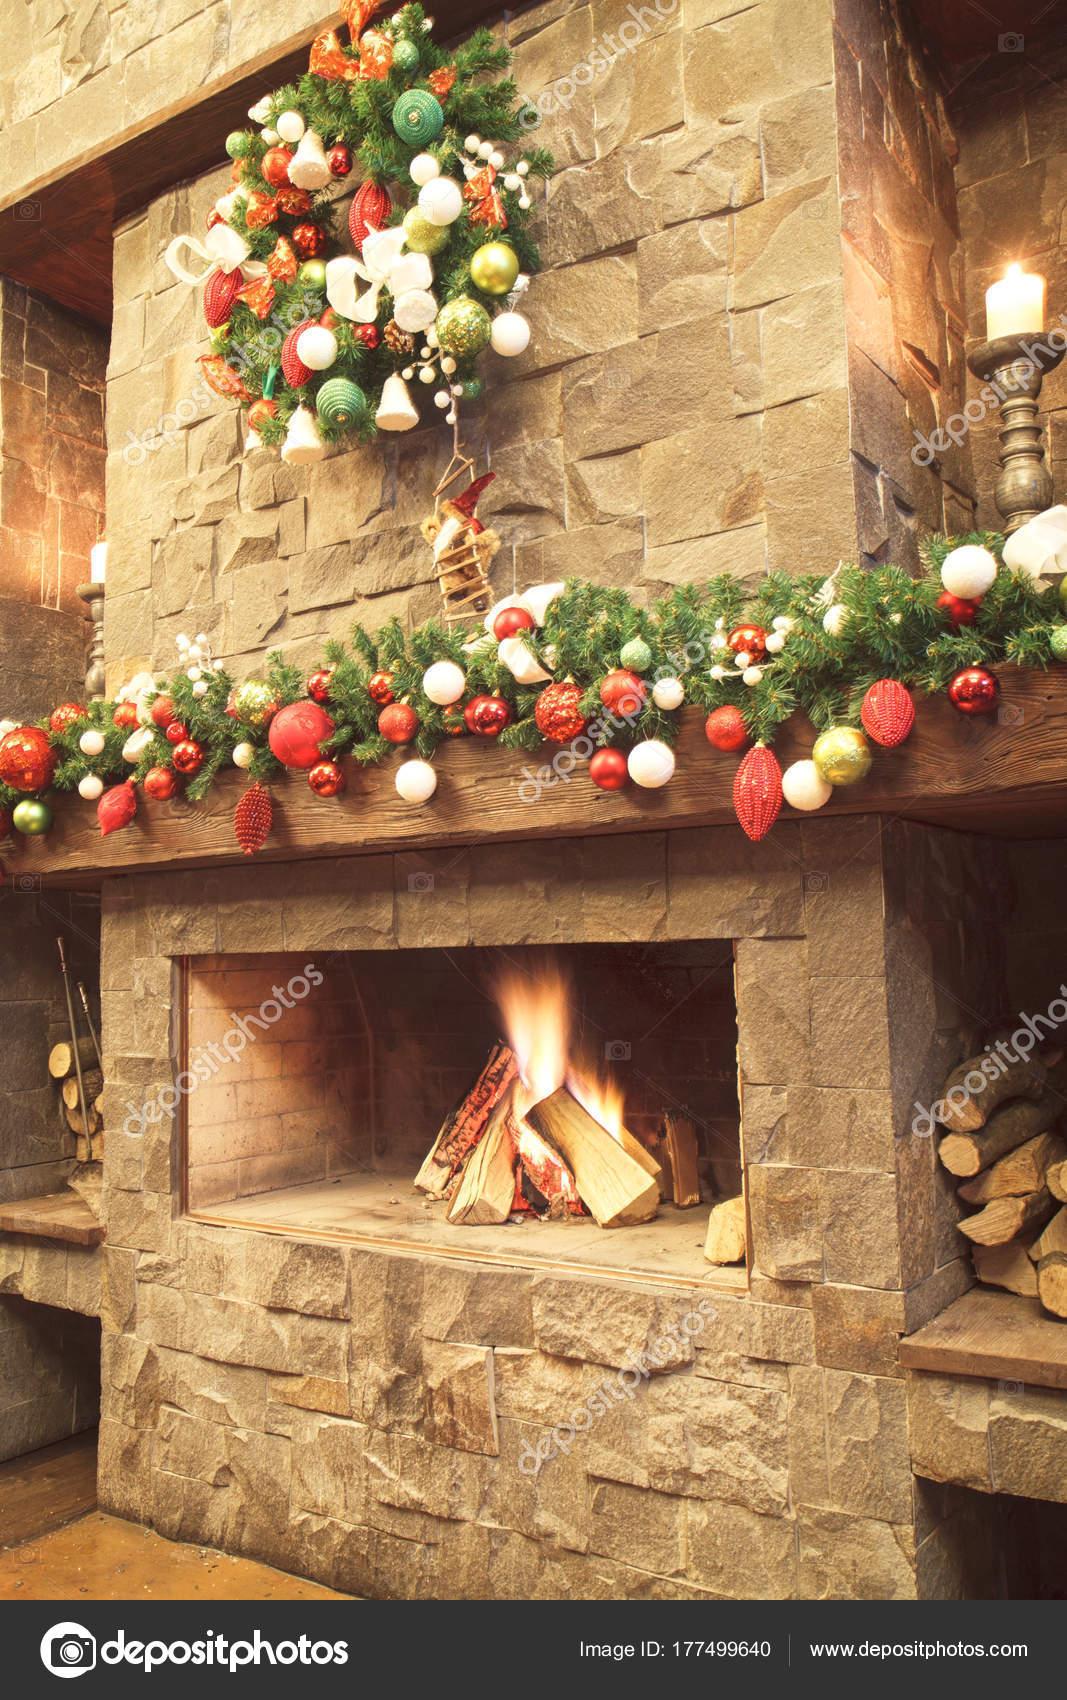 Decorazioni Natalizie Sul Camino.Capodanno Albero Natale Con Decorazioni Colorate Sul Camino